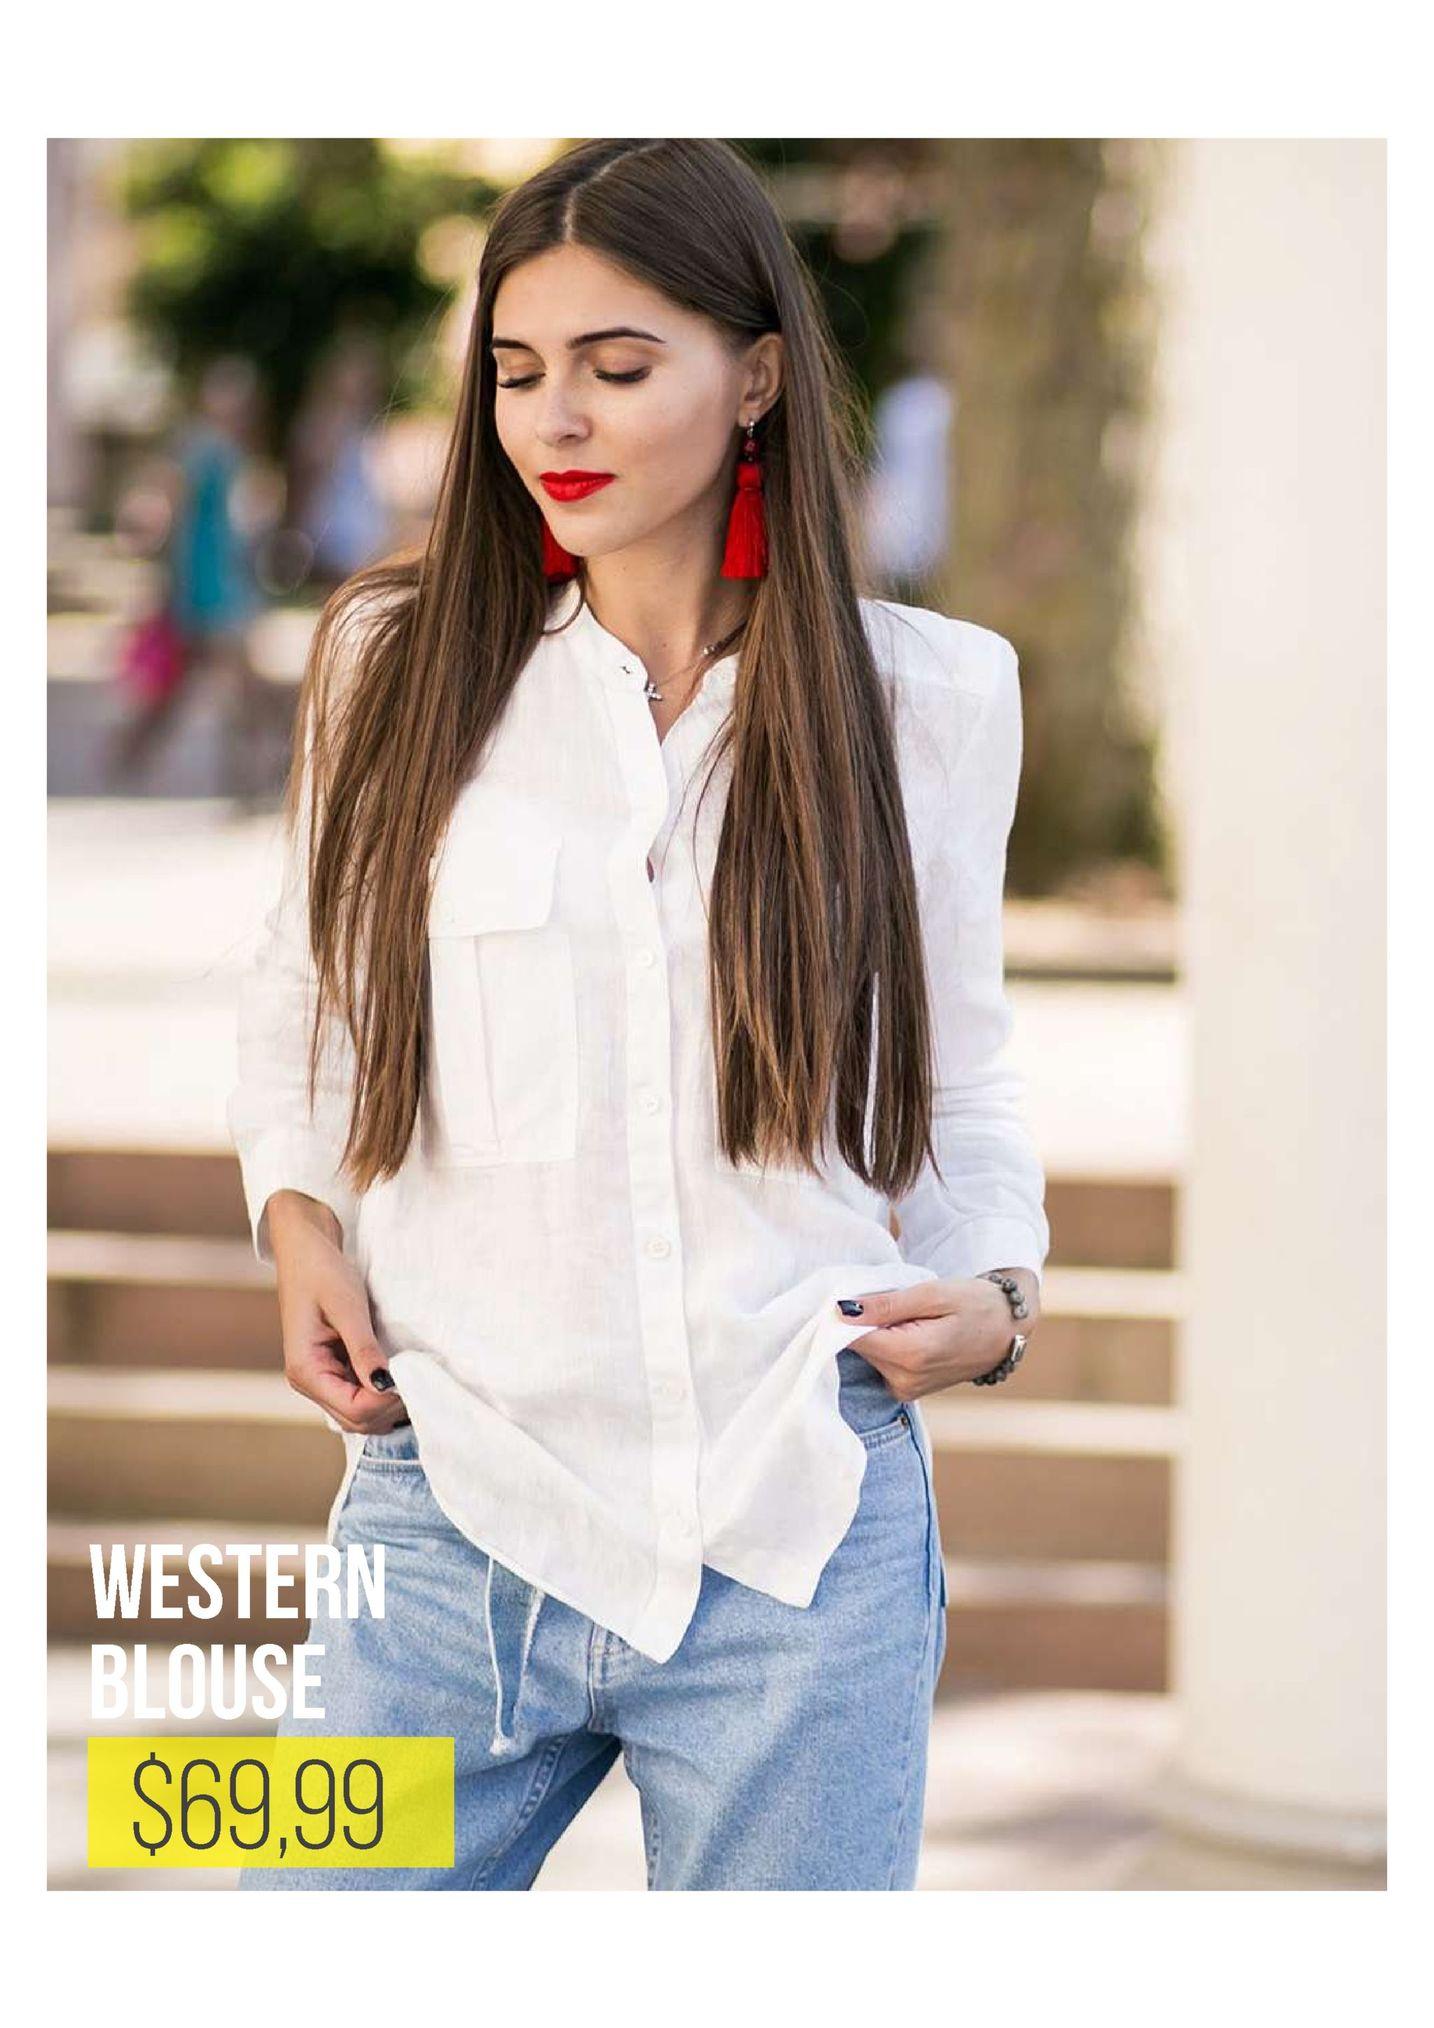 western $69,99